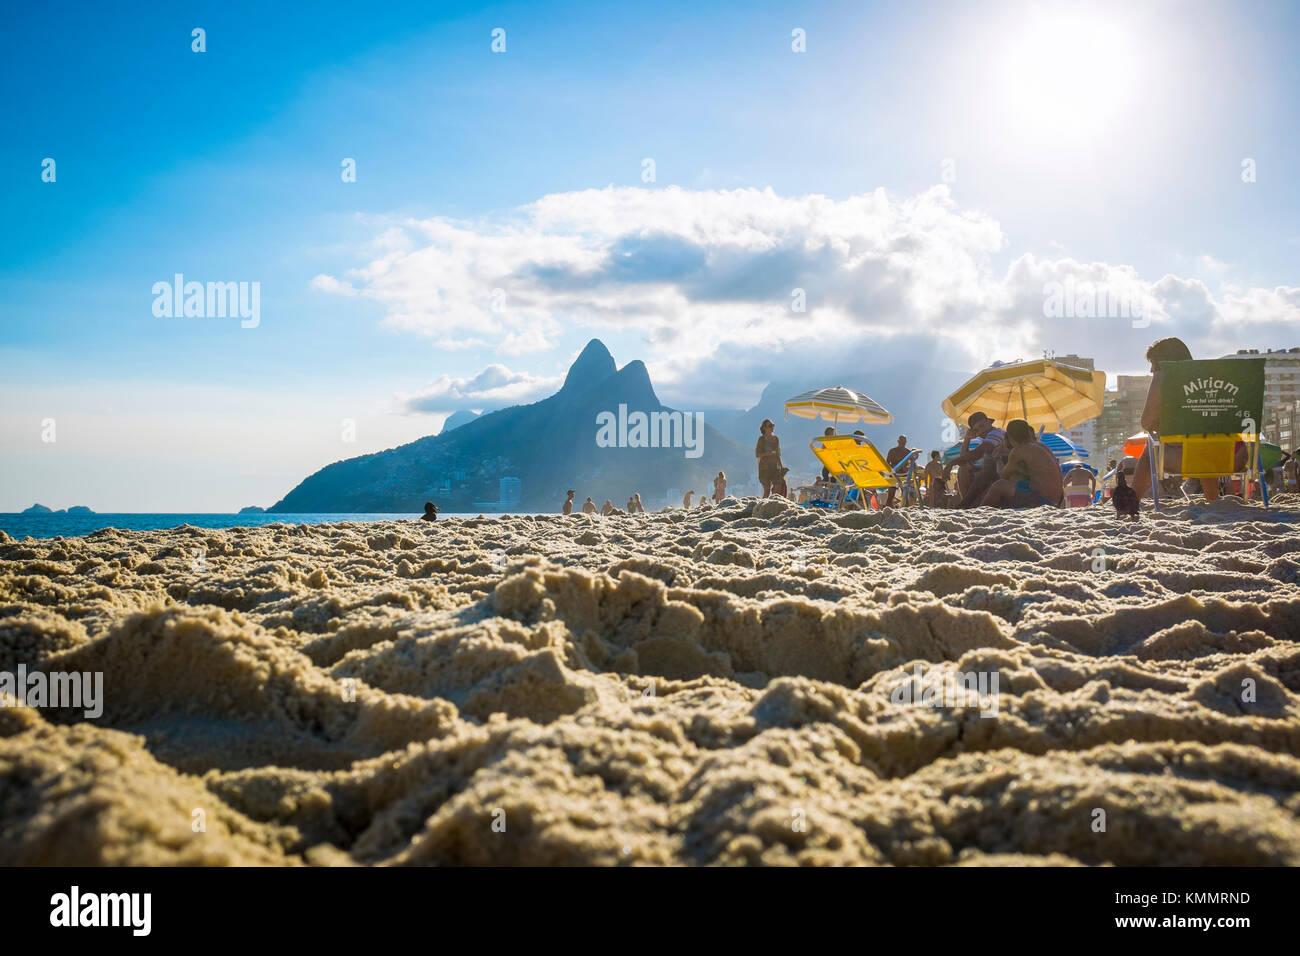 Rio de Janeiro - marzo 06, 2016: le persone a rilassarsi sulla spiaggia di Ipanema contro l'iconica silhouette Immagini Stock